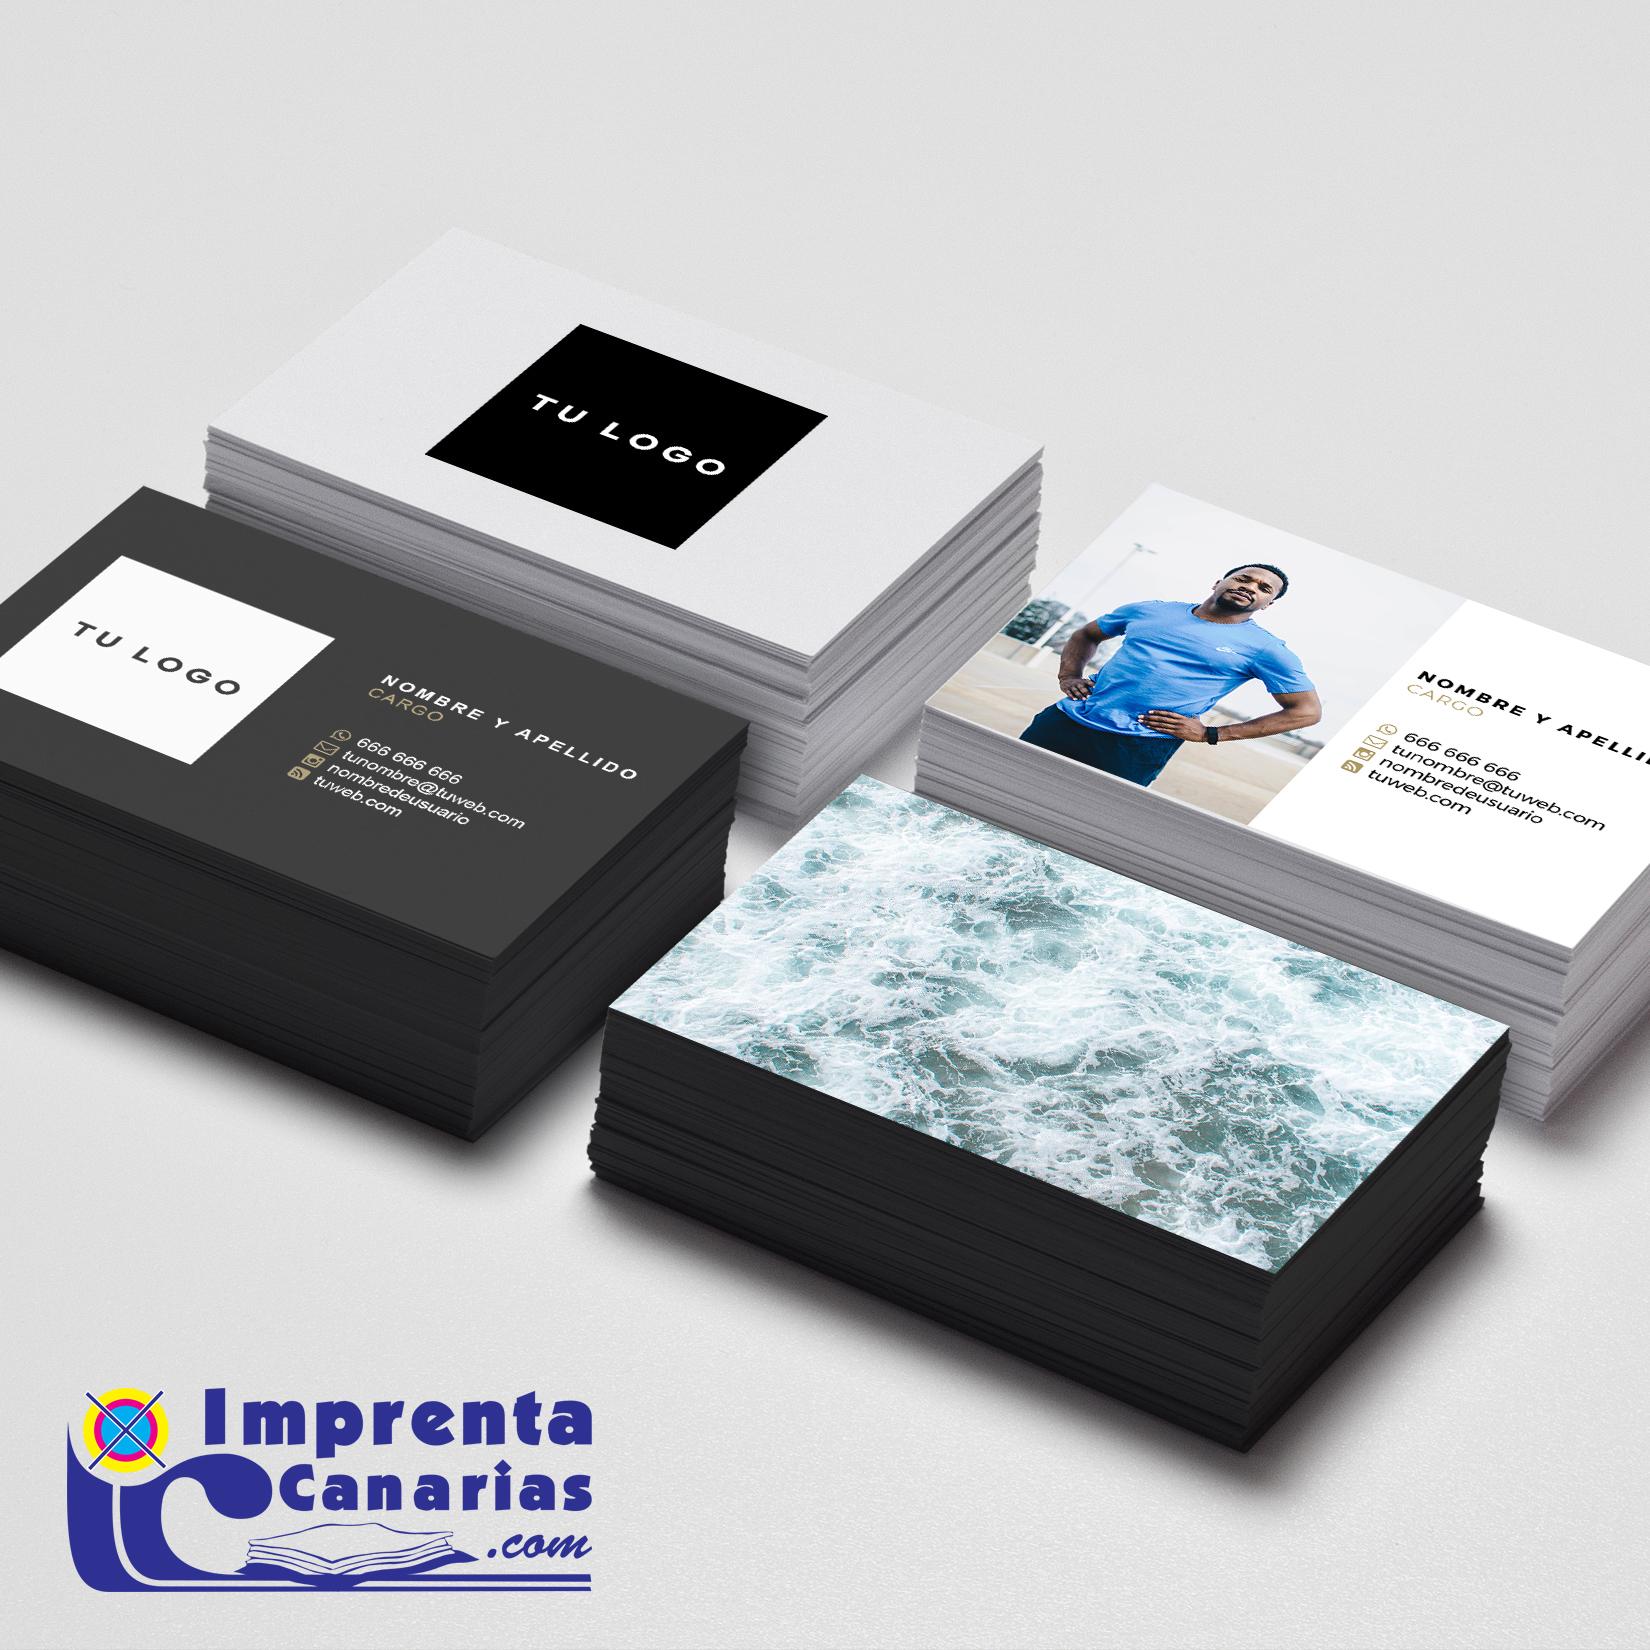 Tarjetas baratas en Canarias :: Imprenta Canarias